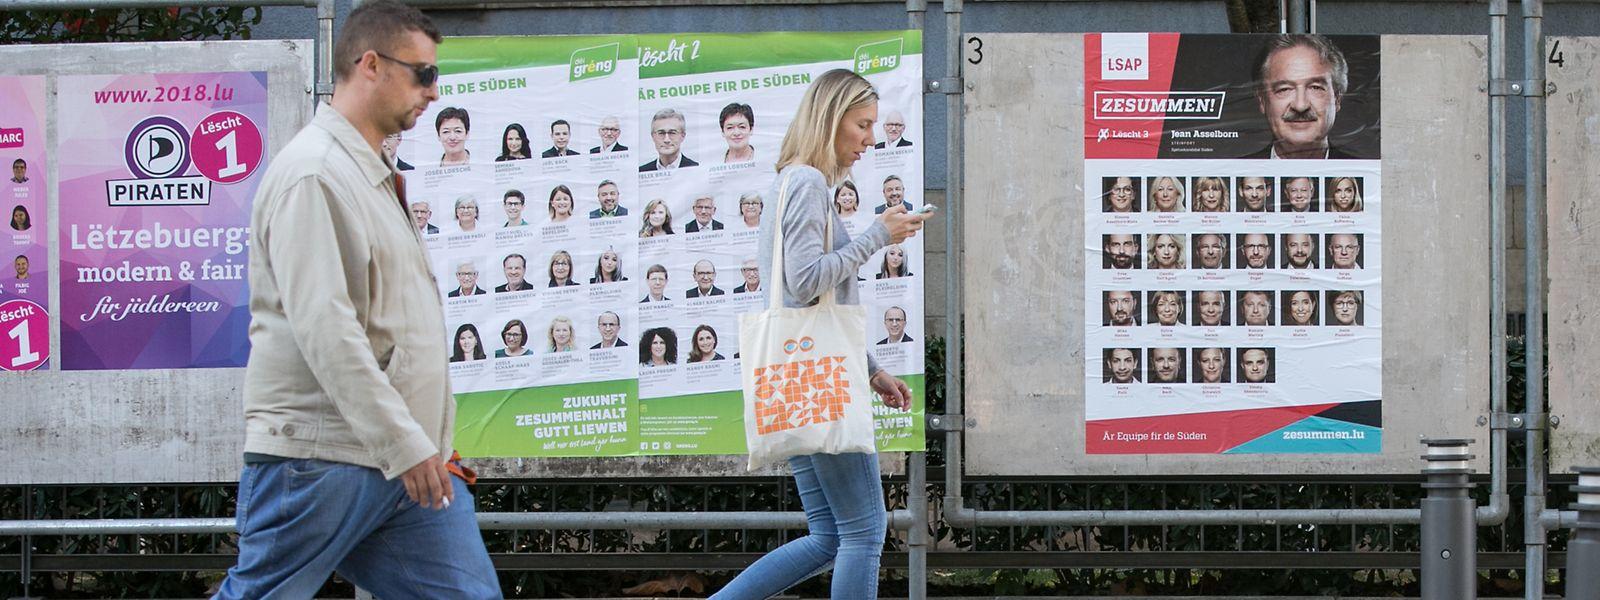 Die Parteien können in Zukunft mit einer jährlichen Finanzspritze von 130.000 Euro aus dem Staatshaushalt rechnen. Auch die Zuwendung, die dem Wahlresultat Rechnung trägt, wurde nach oben angepasst.